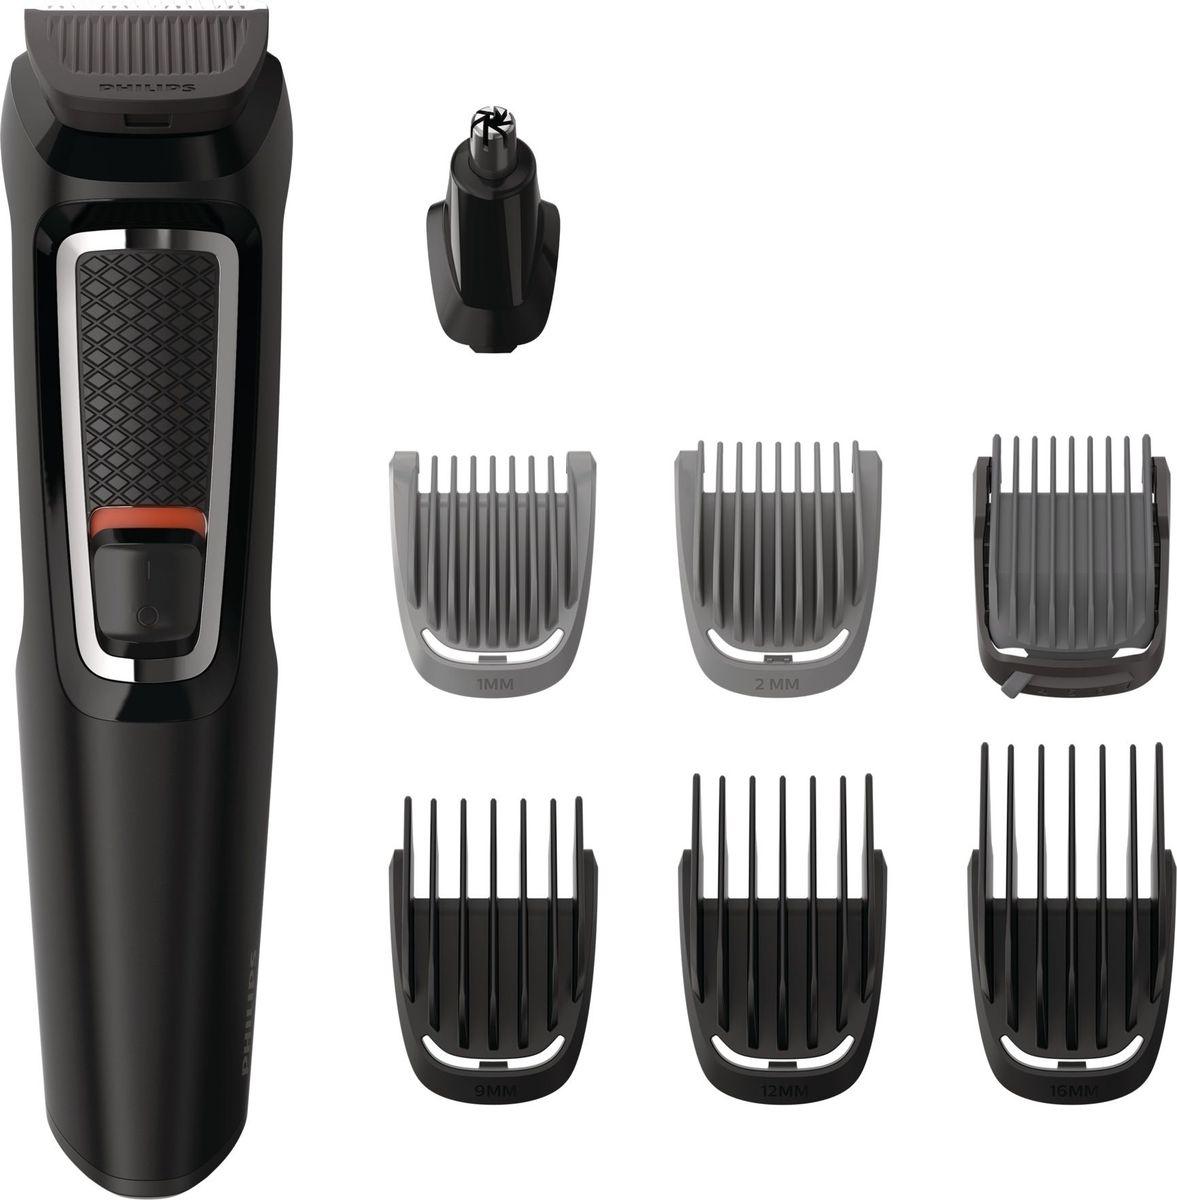 Philips MG3730/15, Black универсальный триммер триммер для бороды philips qt 3900 15 beardtrimmer series 3000 черный